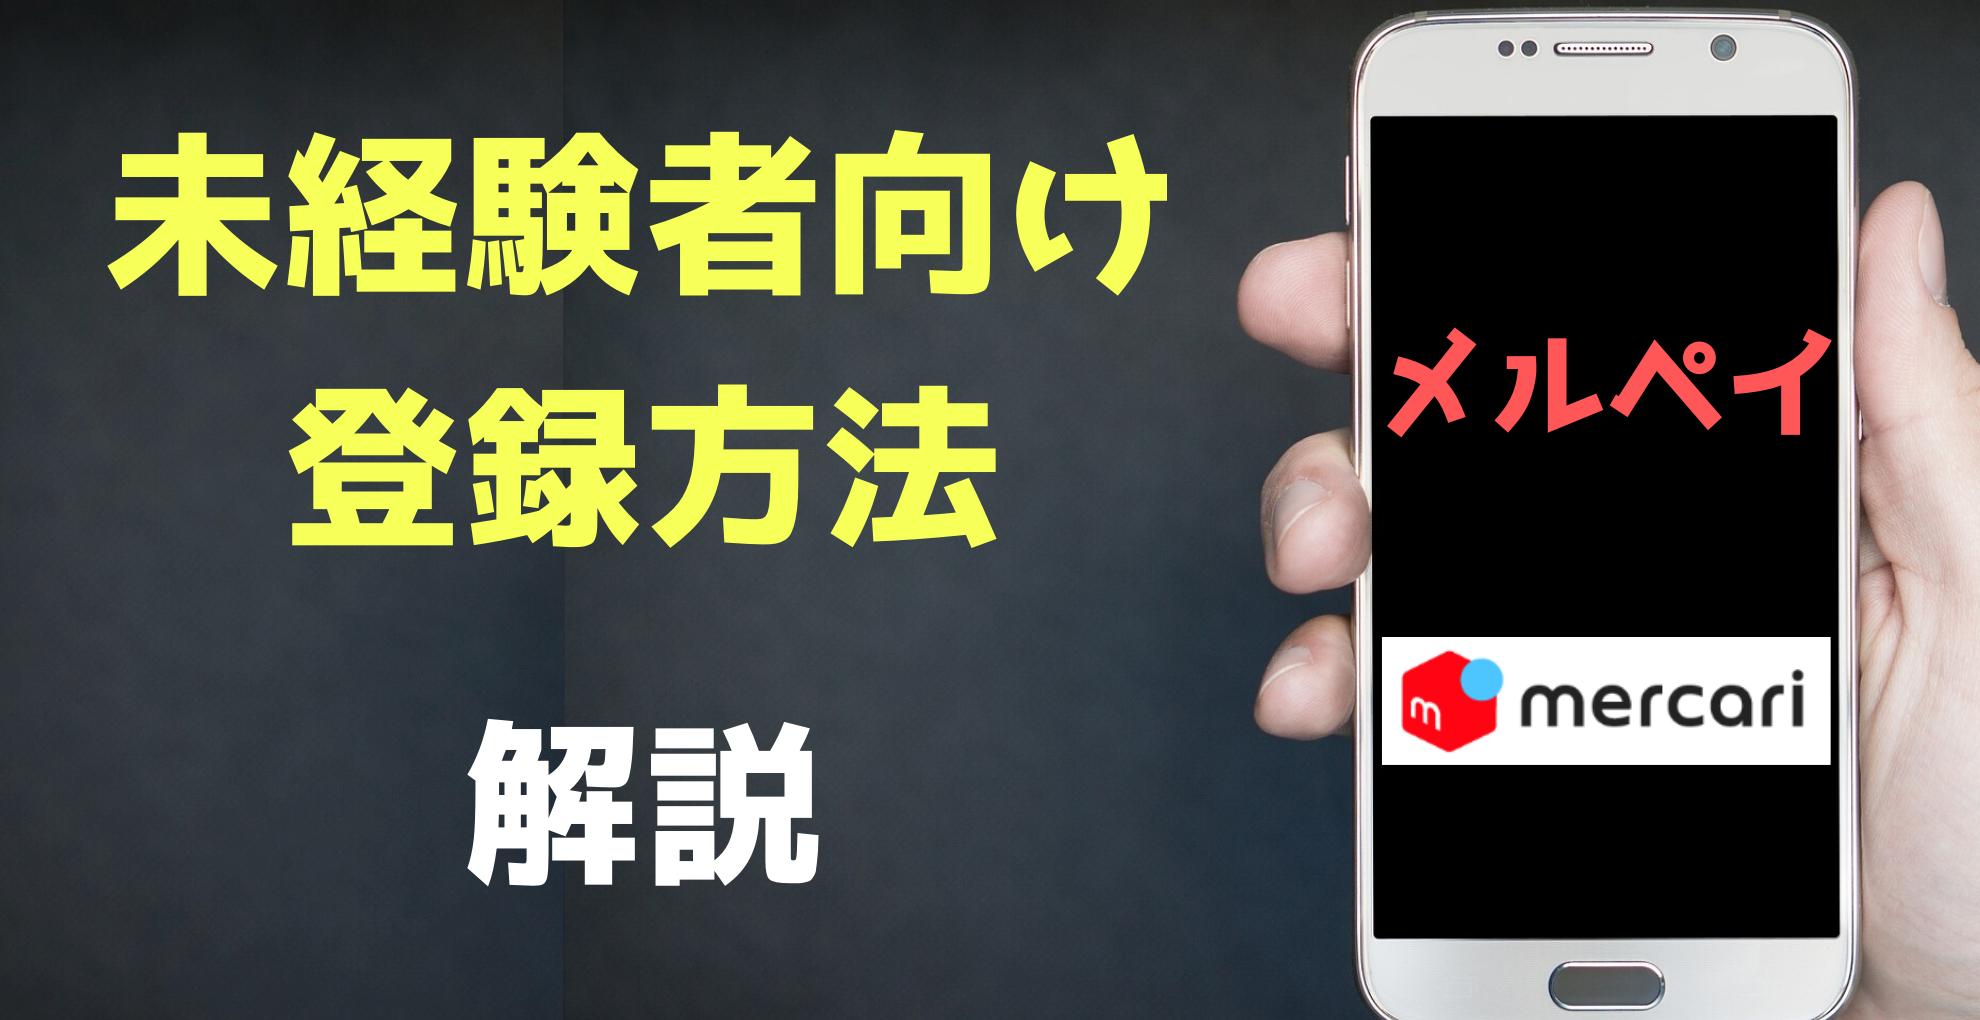 【メルペイ】 登録方法 解説